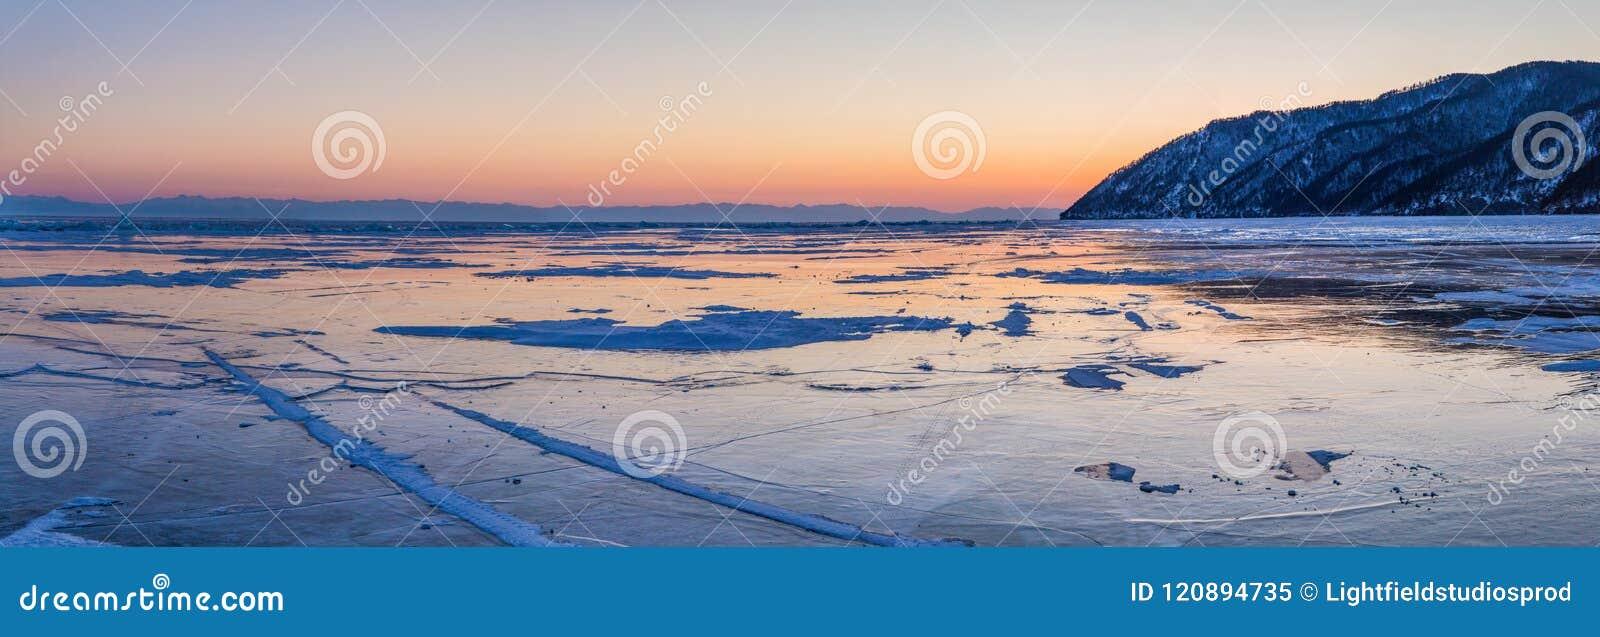 Schöne szenische Landschaft mit Ufer und dem gefrorenen Baikalsee